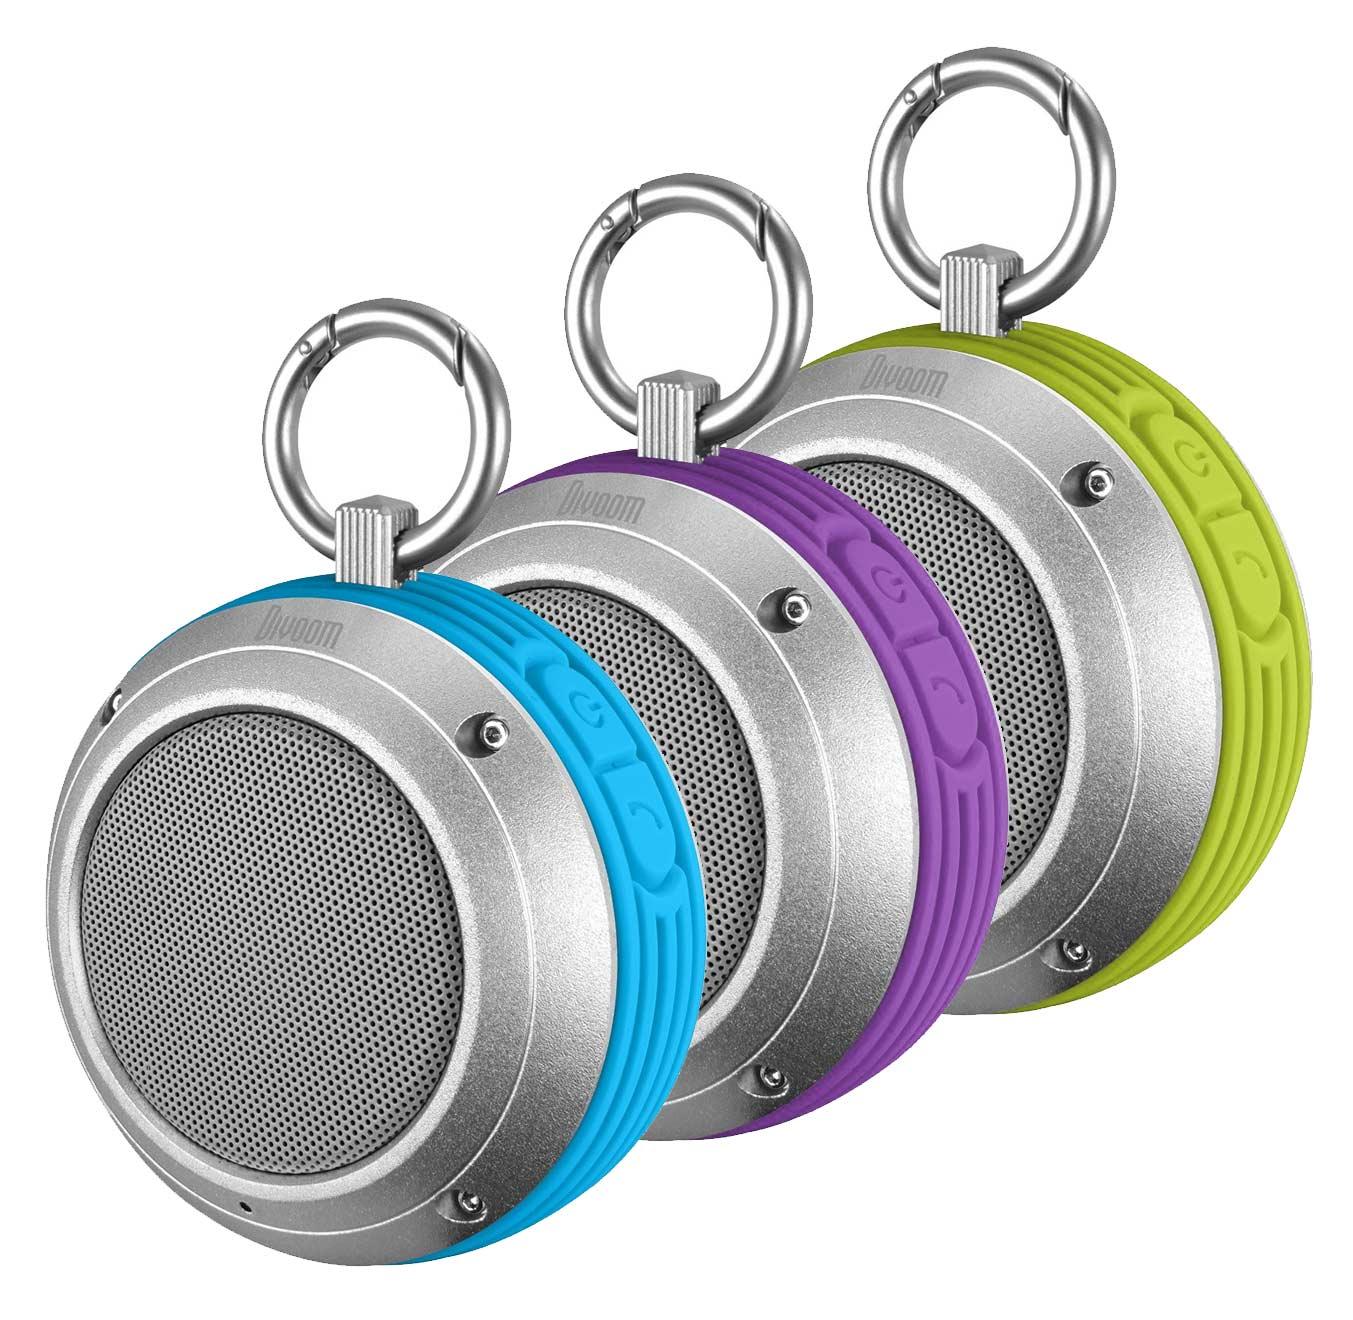 רמקול דיבורית Bluetooth נייד Voombox-Travel מבית Divoom